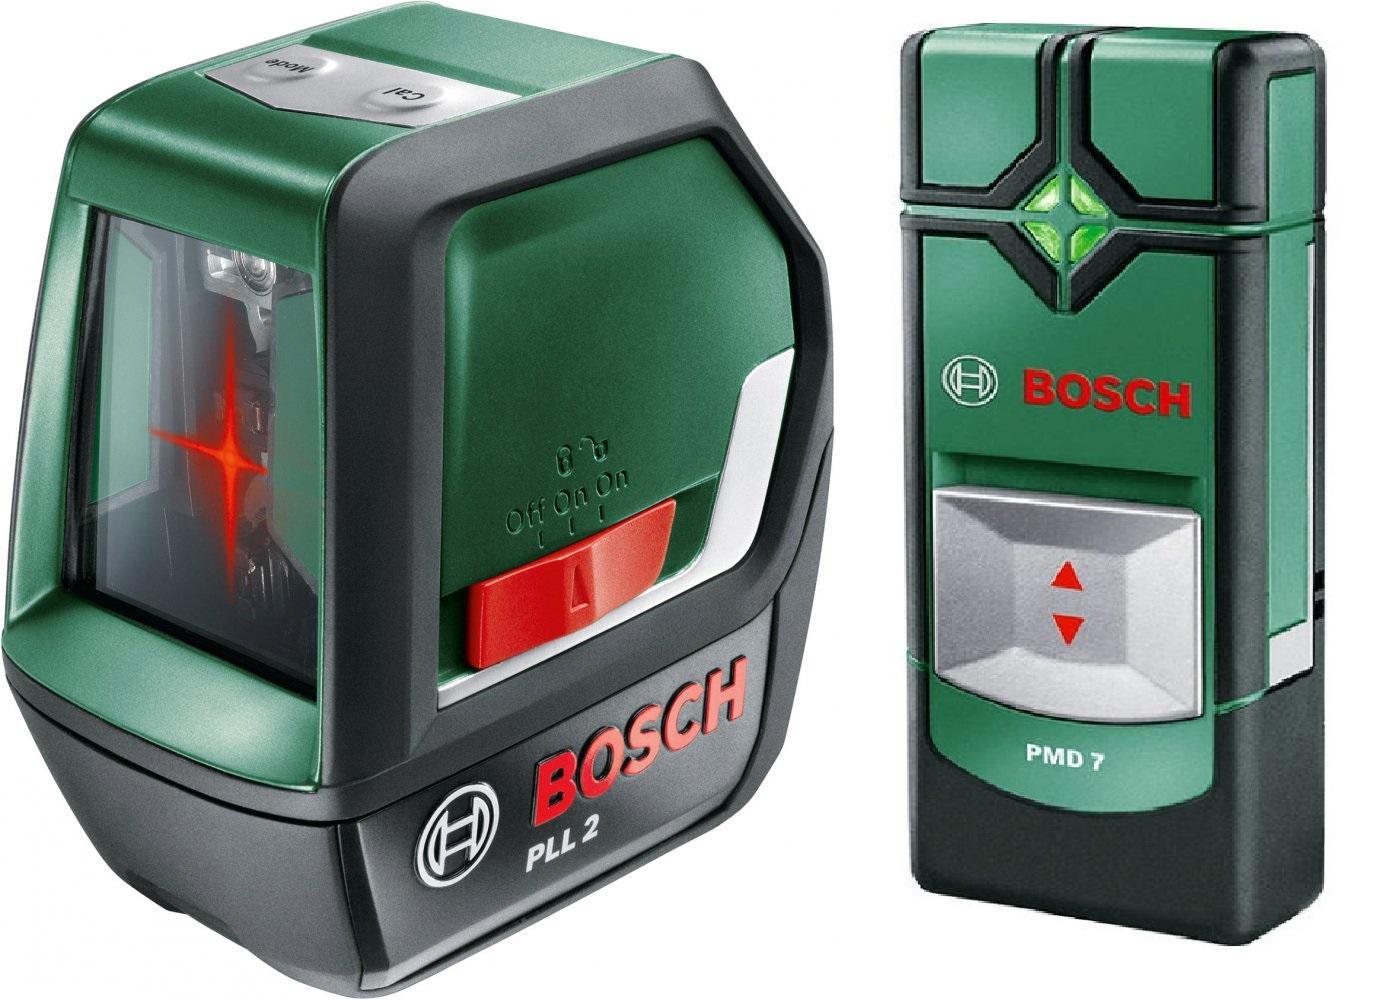 Уровень Bosch Pll 2 eeu (0.603.663.420) + Детектор pmd7 триммер электрический bosch аrt 23 18 li w eeu [06008a5c06]